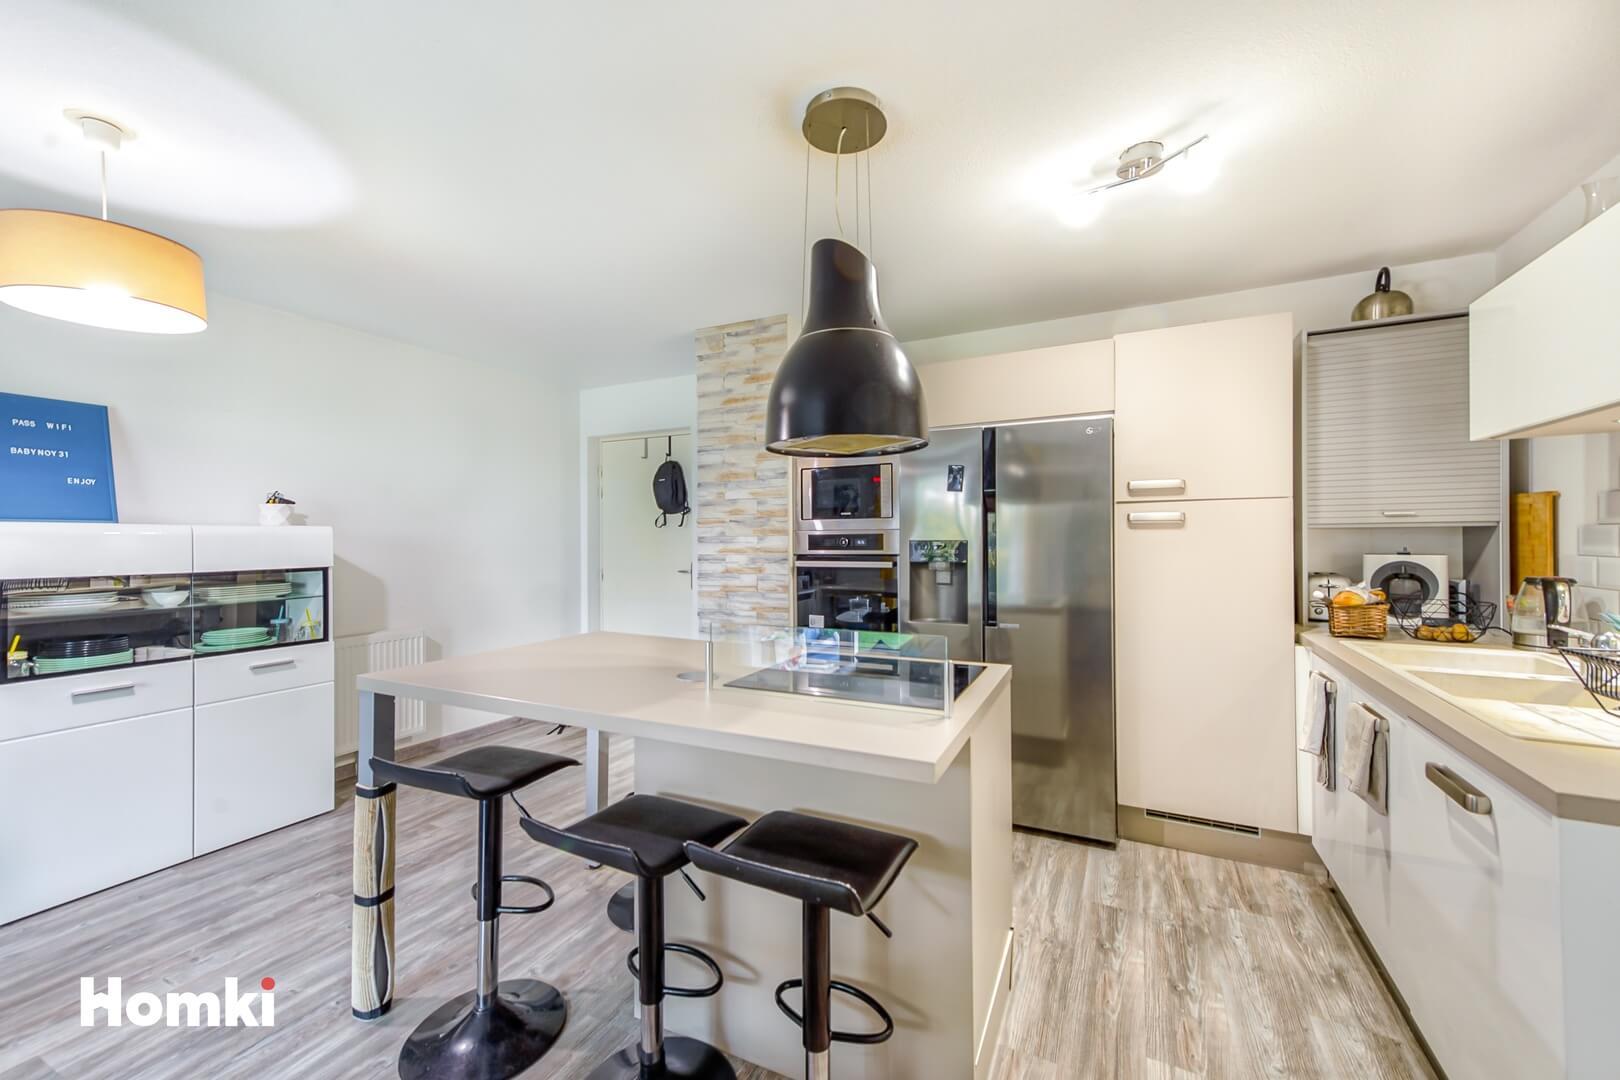 Homki - Vente Appartement  de 46.0 m² à Toulouse 31100